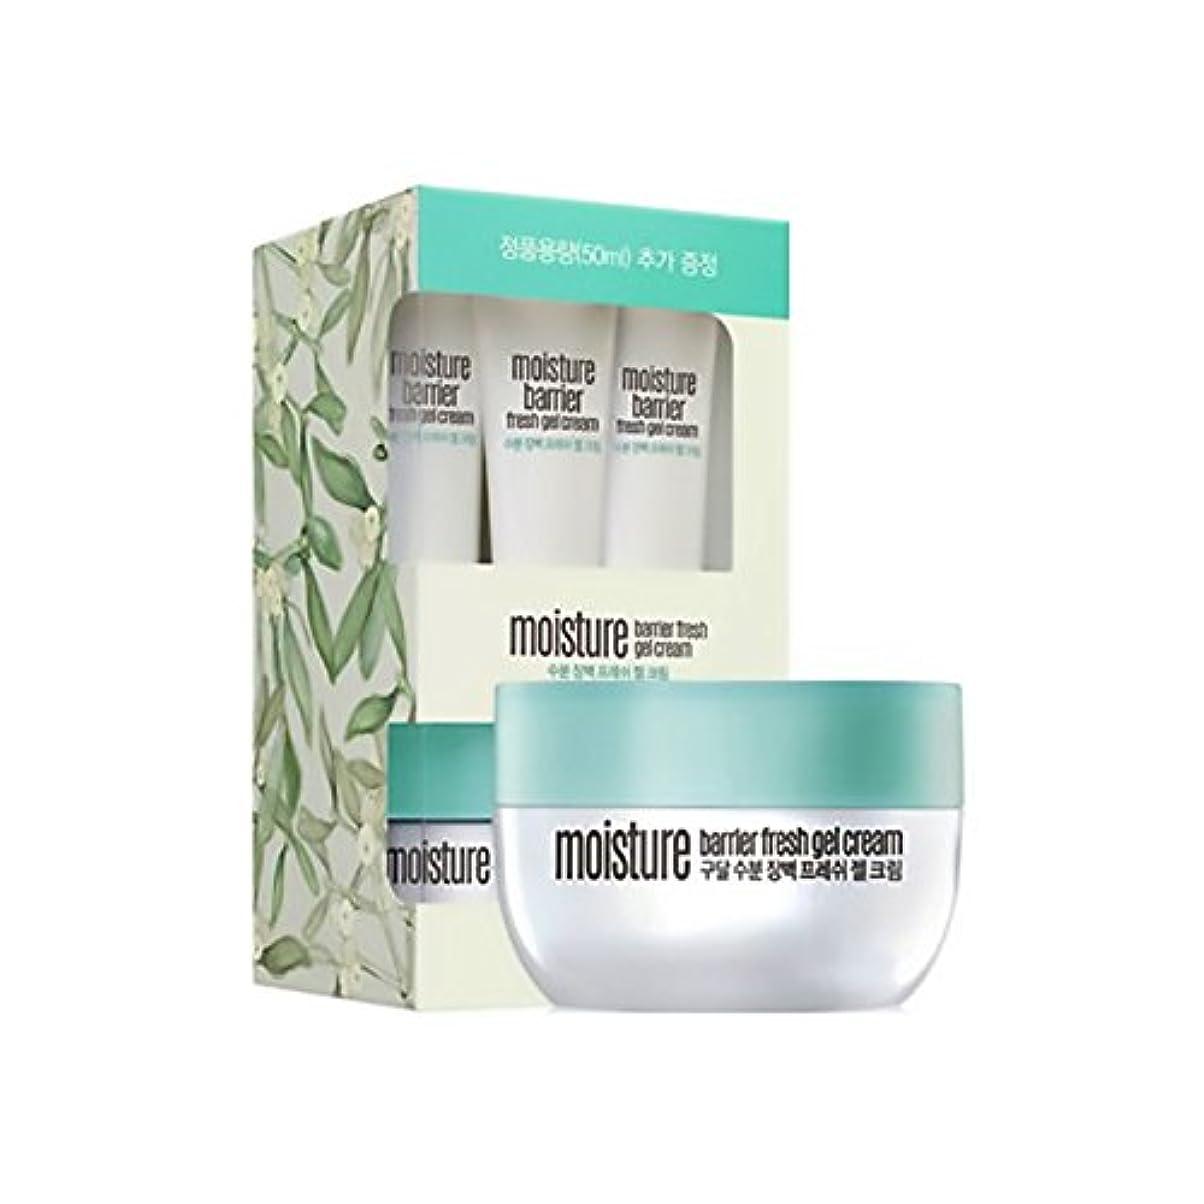 ビル貫入まばたきgoodal moisture barrier fresh gel cream set